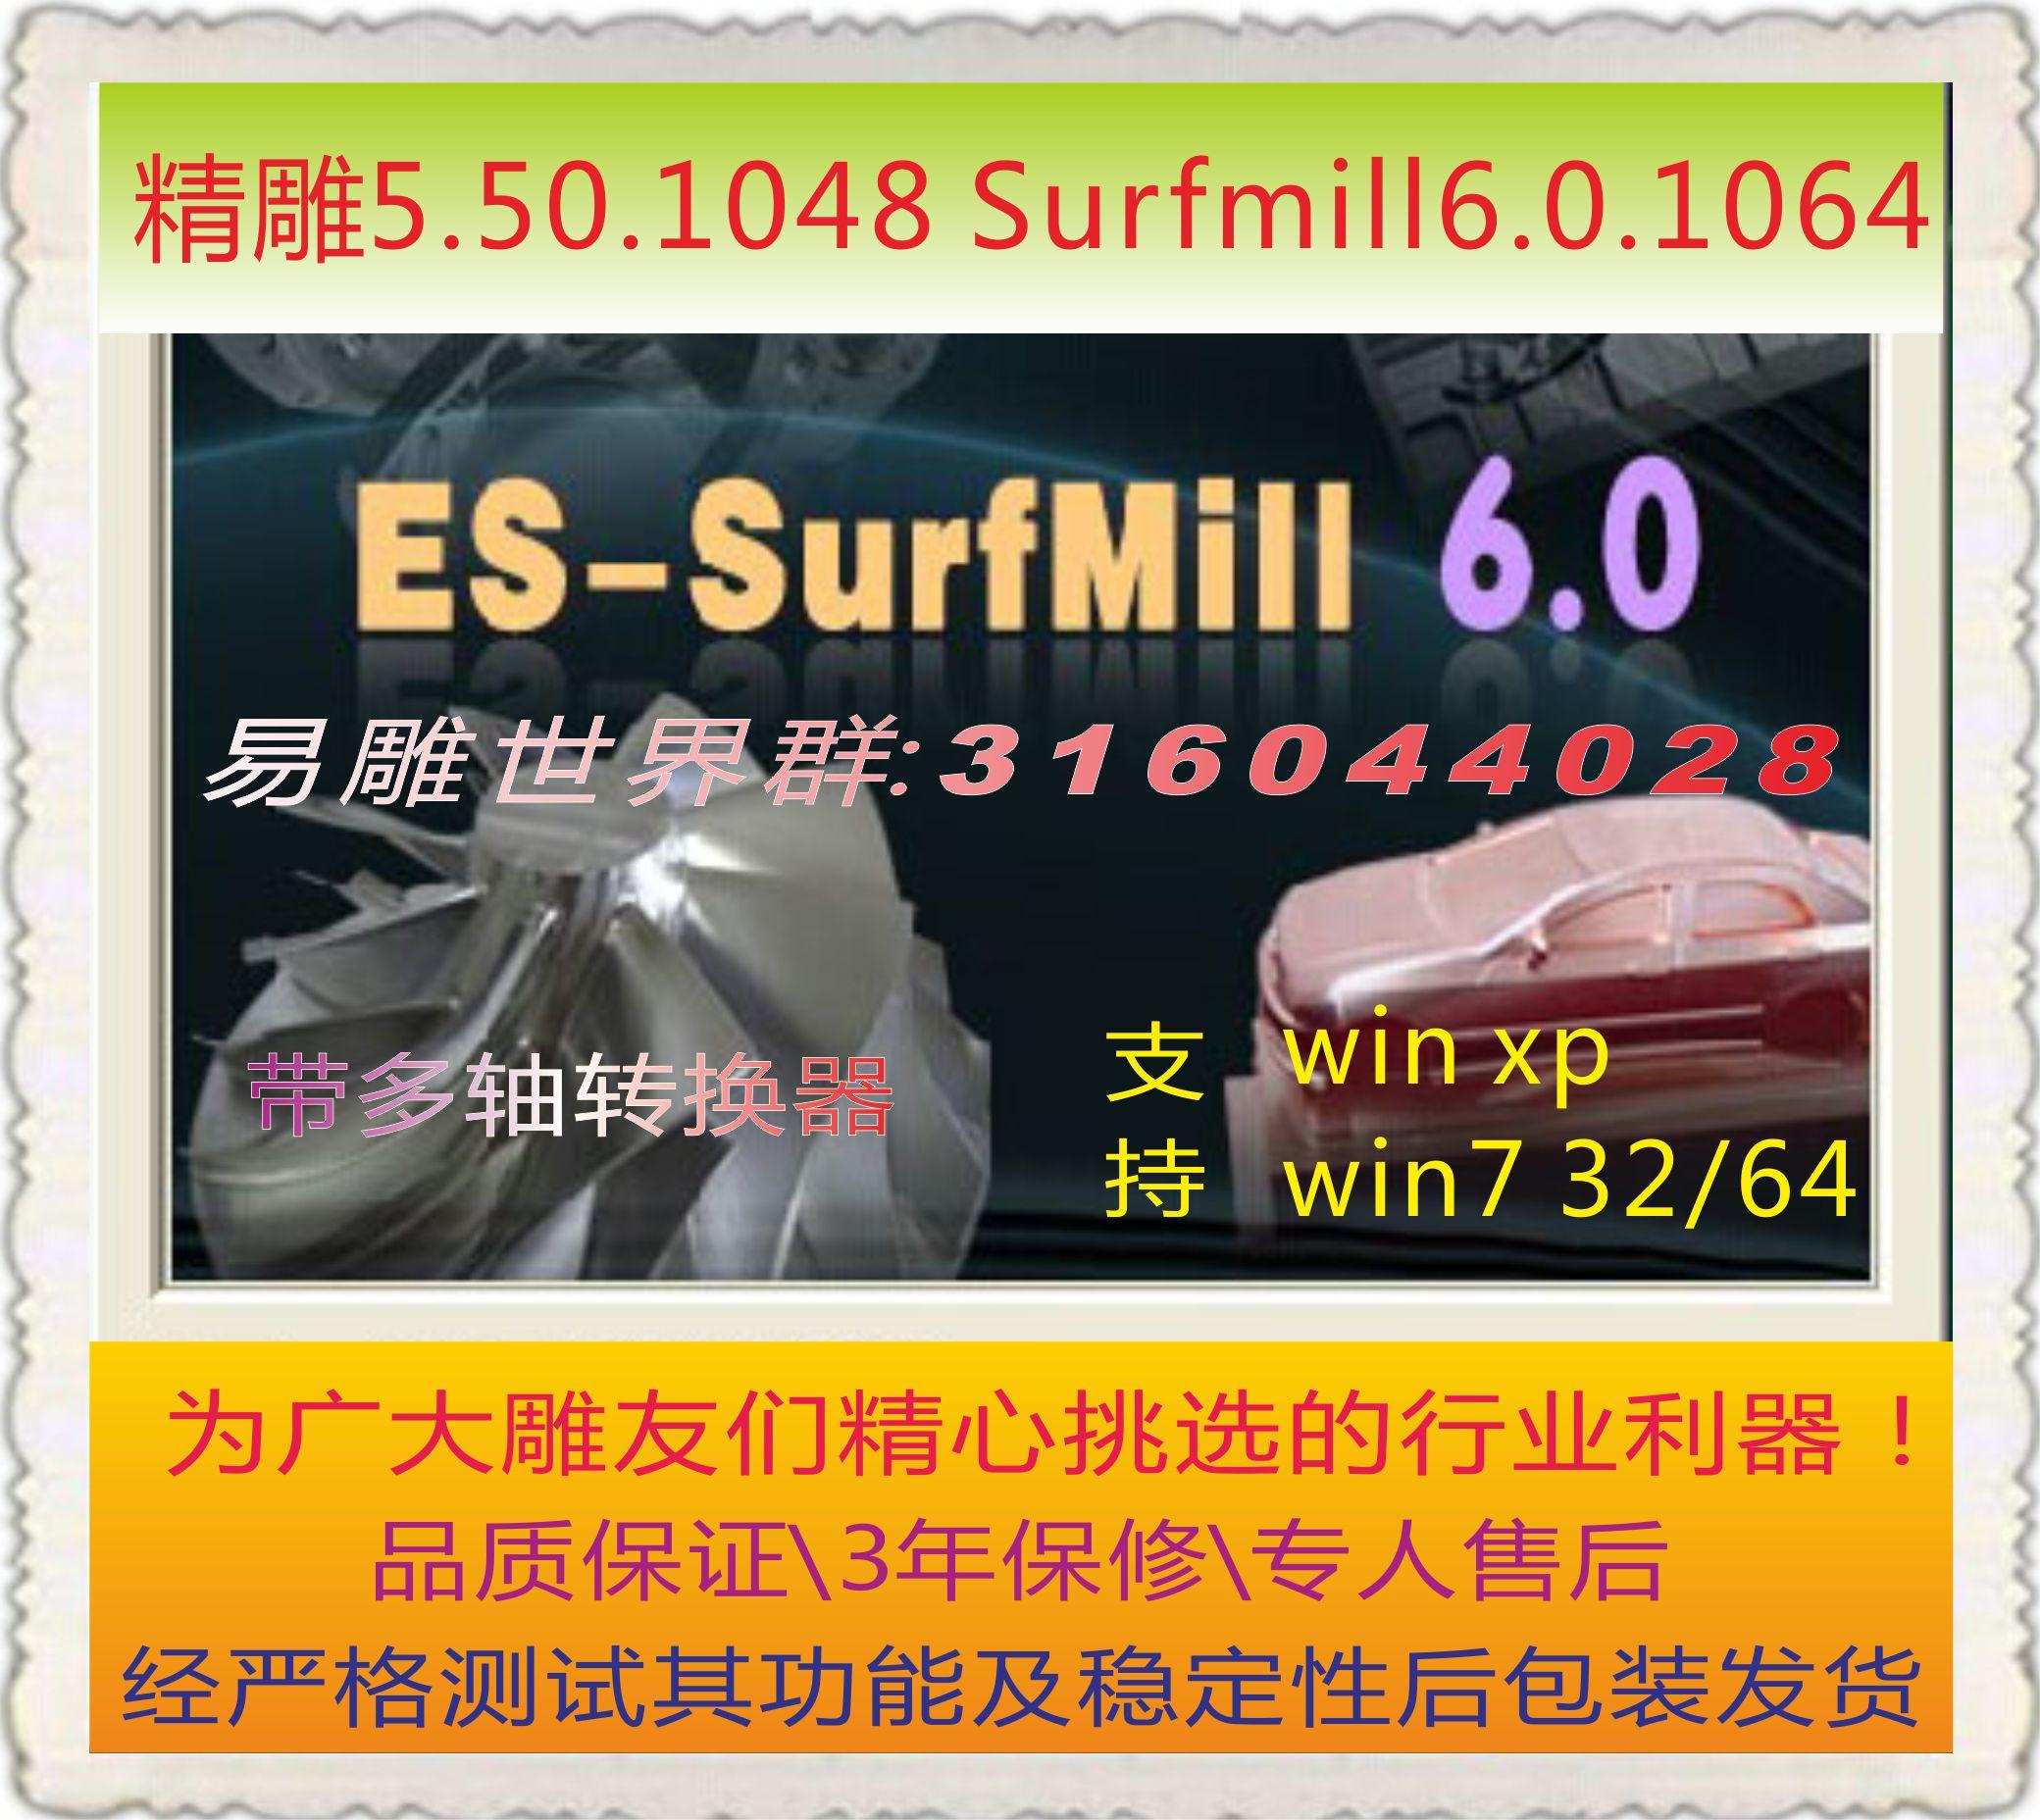 Компьютерное программное обеспечение 精雕6.0   surfmill6.01064